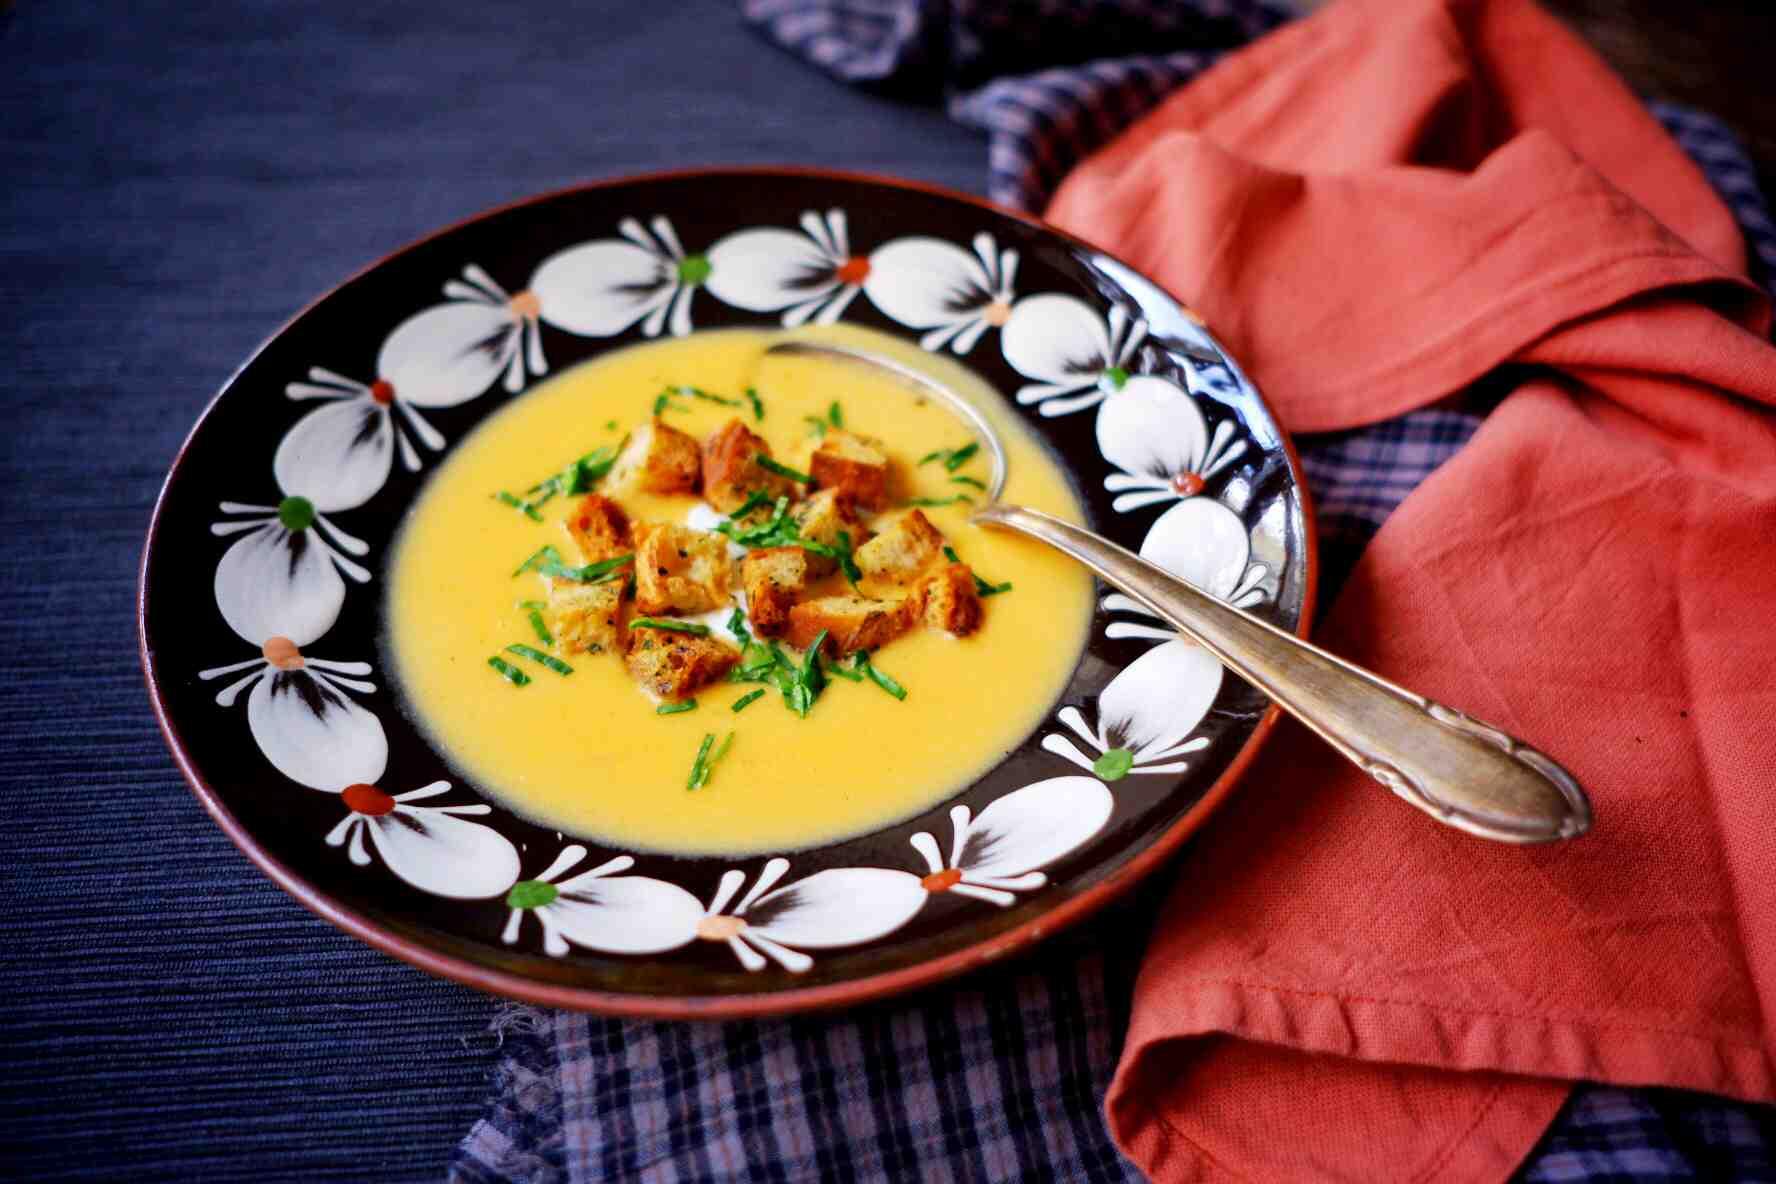 S Klárou v kuchyni: Brynzová polévka demikát